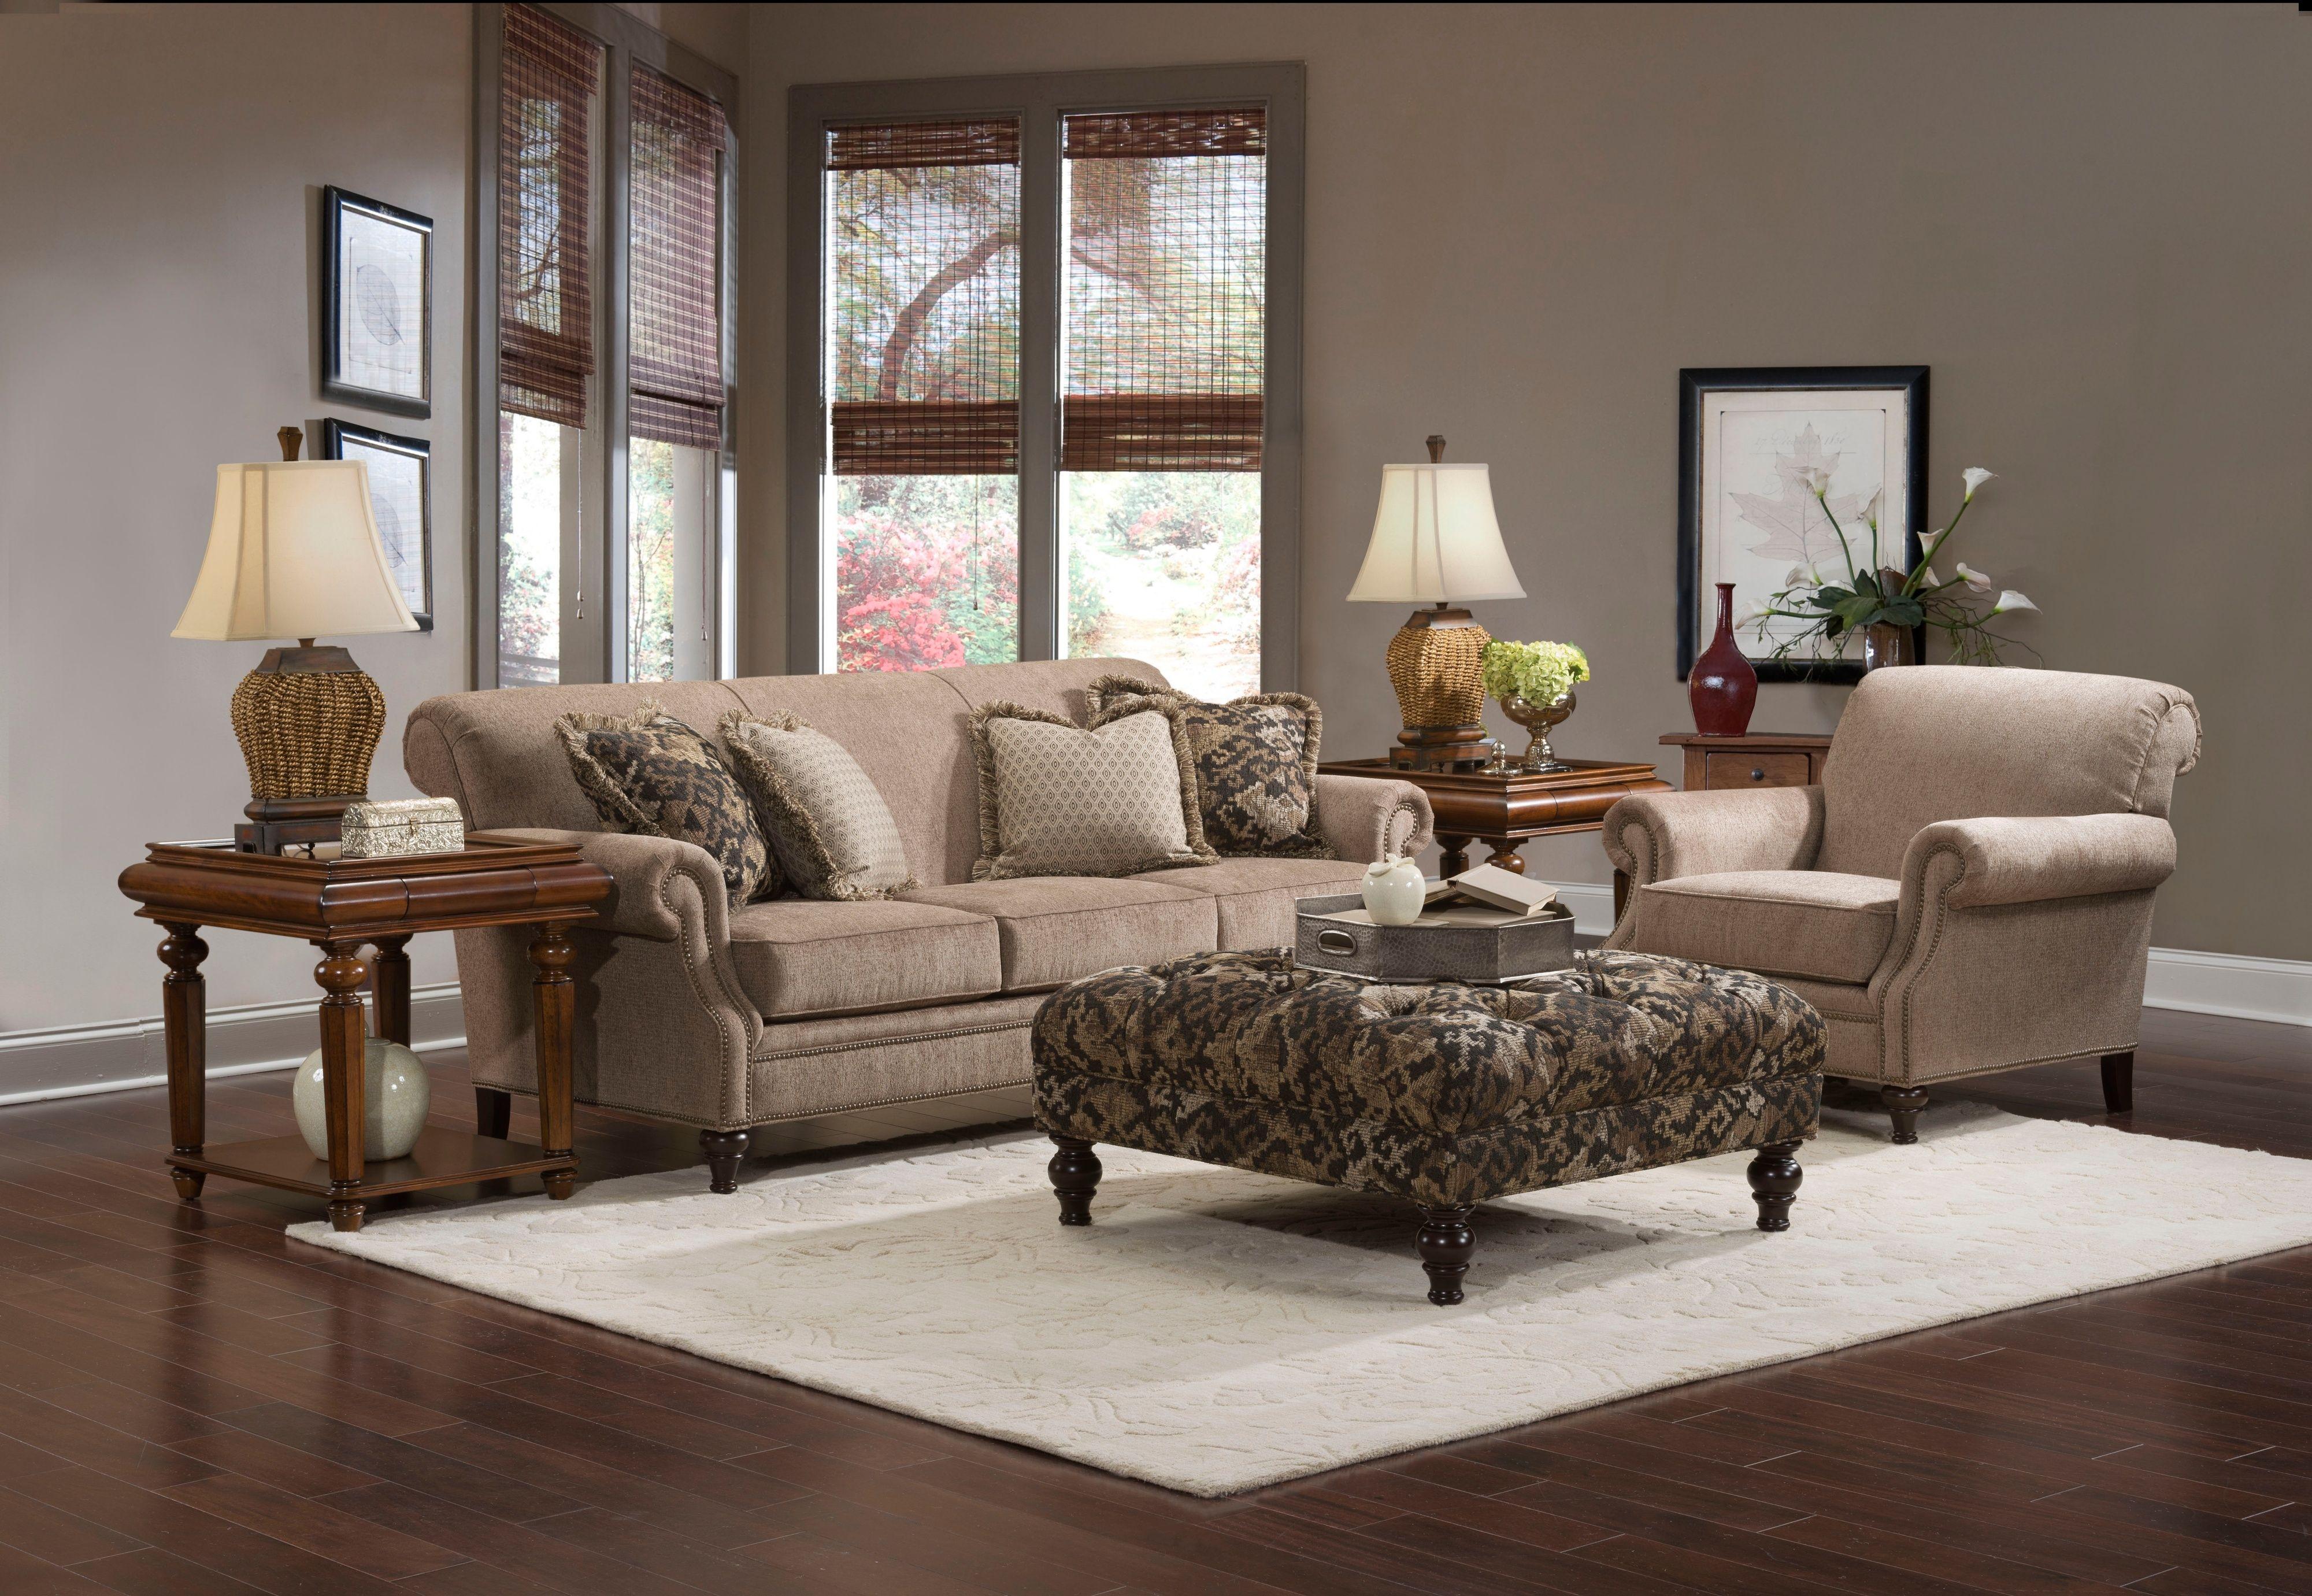 Living Room Furniture Broyhill Of Denver Denver Aurora Co Furniture Store Broyhill Furniture Living Room Table Furniture